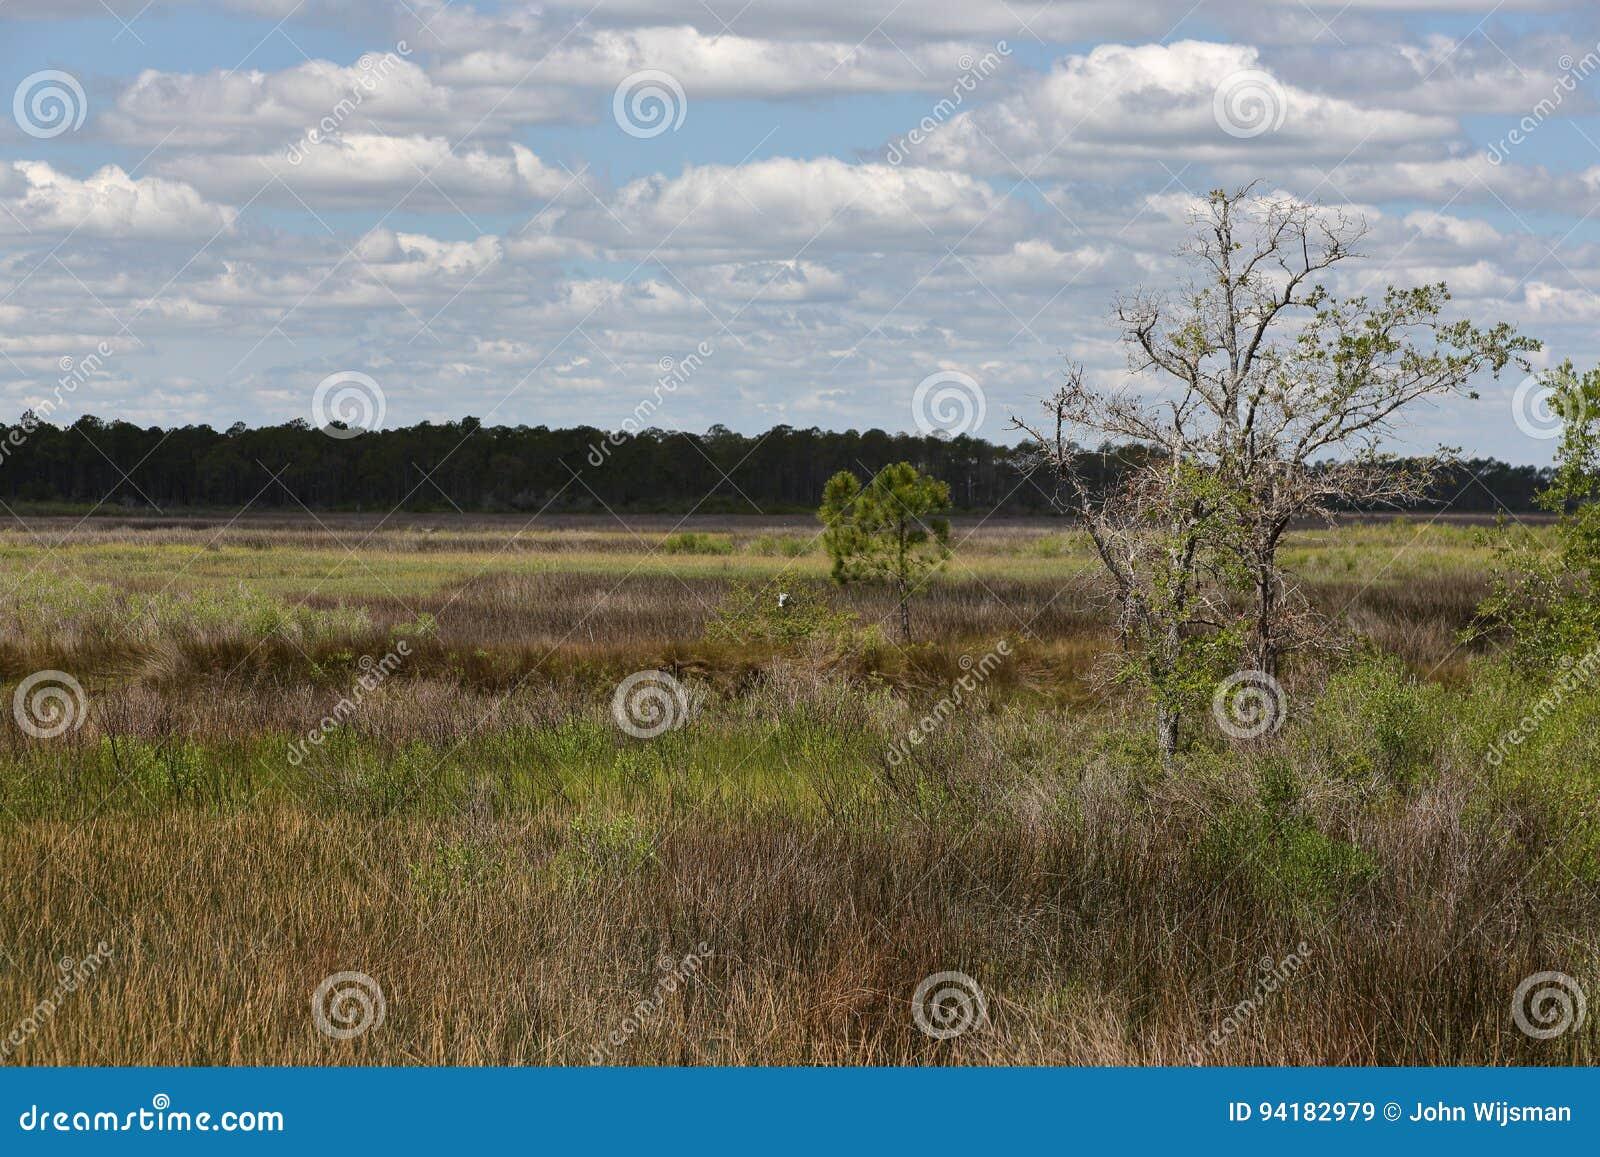 Деревья и травы в болоте соленой воды с голубым небом и облаками